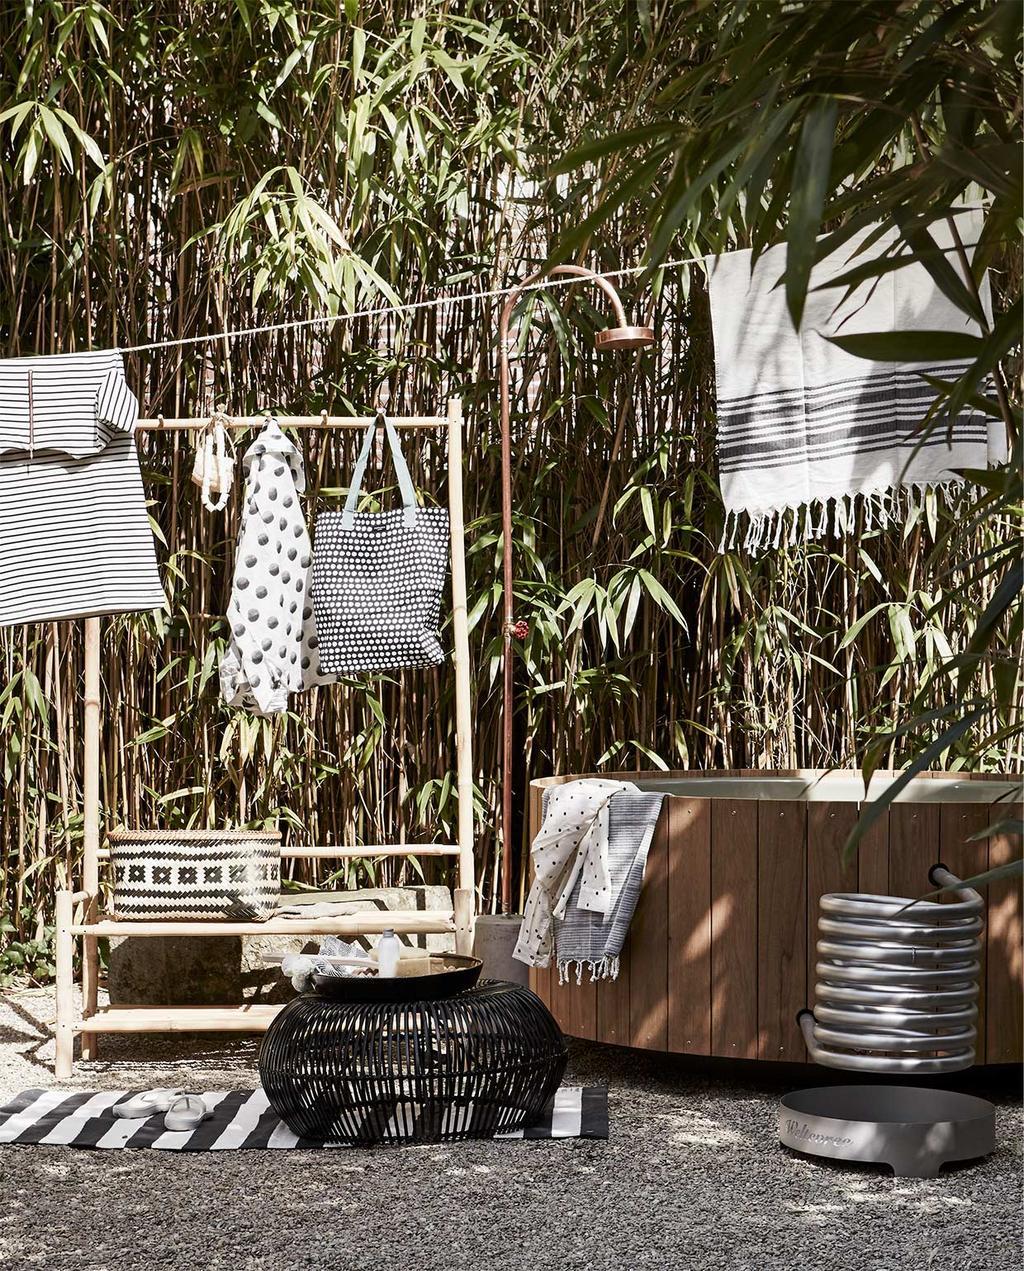 vtwonen zomerboek 08-2020 | tuin met een houten bad en wandrek, met zwart witte tuin decoratie items